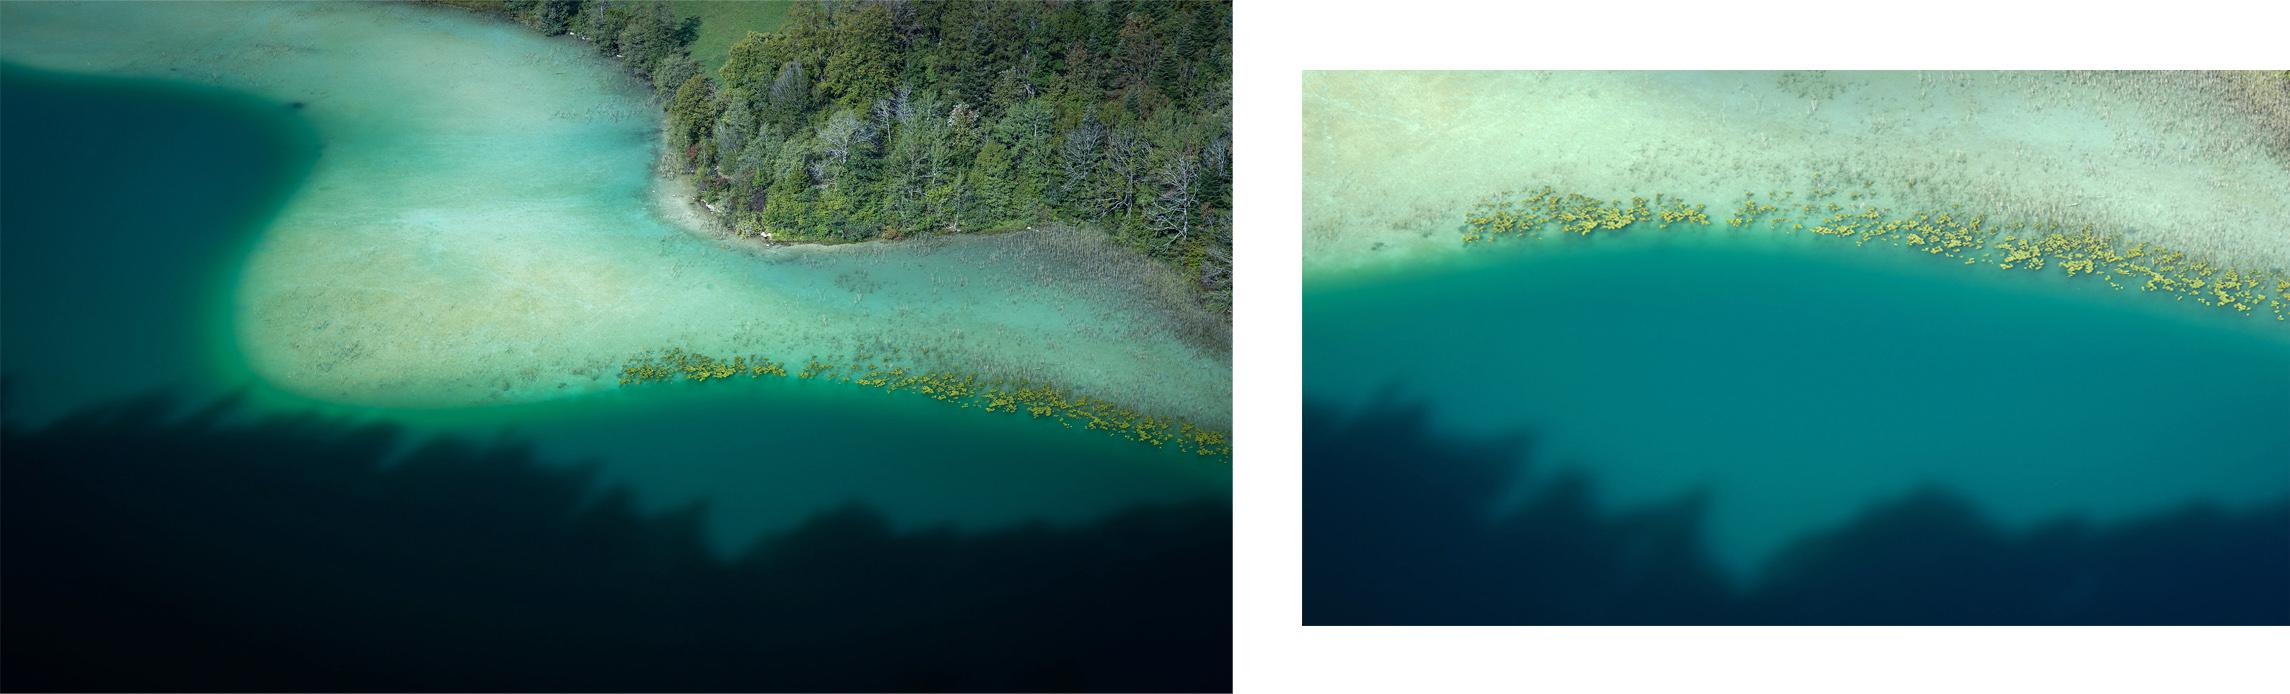 Jura belvédère des quatre lacs courve sapins automne magique